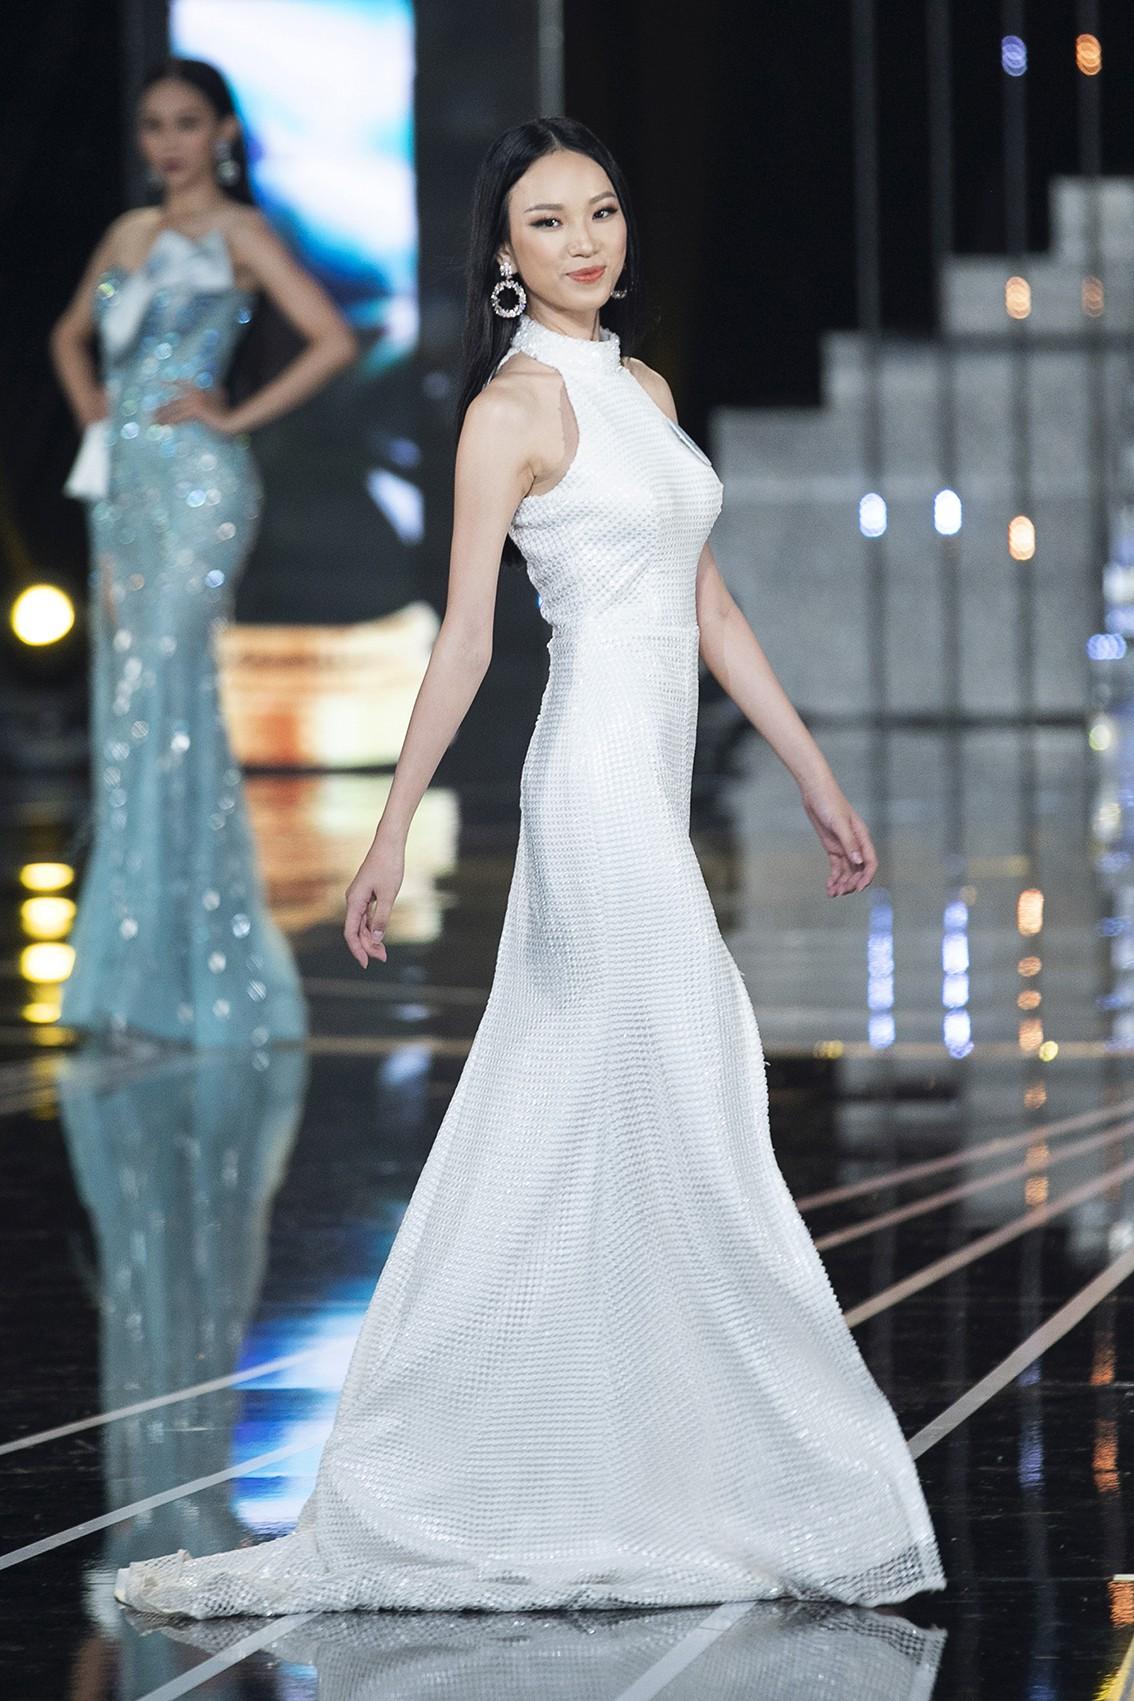 Màn dạ hội bay bổng của NTK Nguyễn Minh Tuấn trong đêm chung khảo phía Nam Miss World Việt Nam 2019 - Ảnh 5.